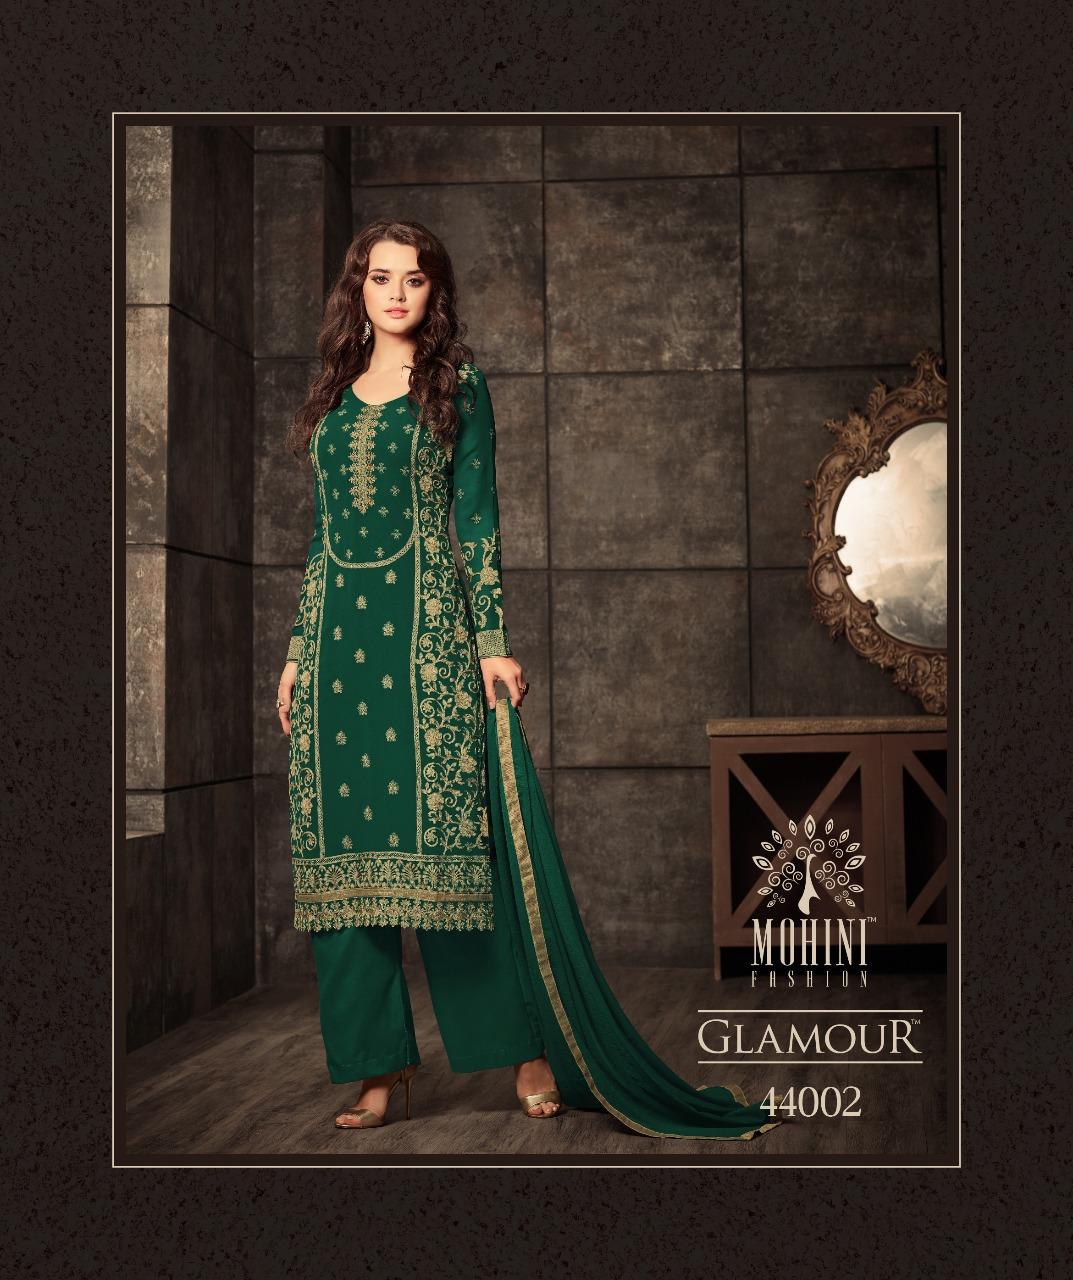 Mohini Fashion Glamour 44002A